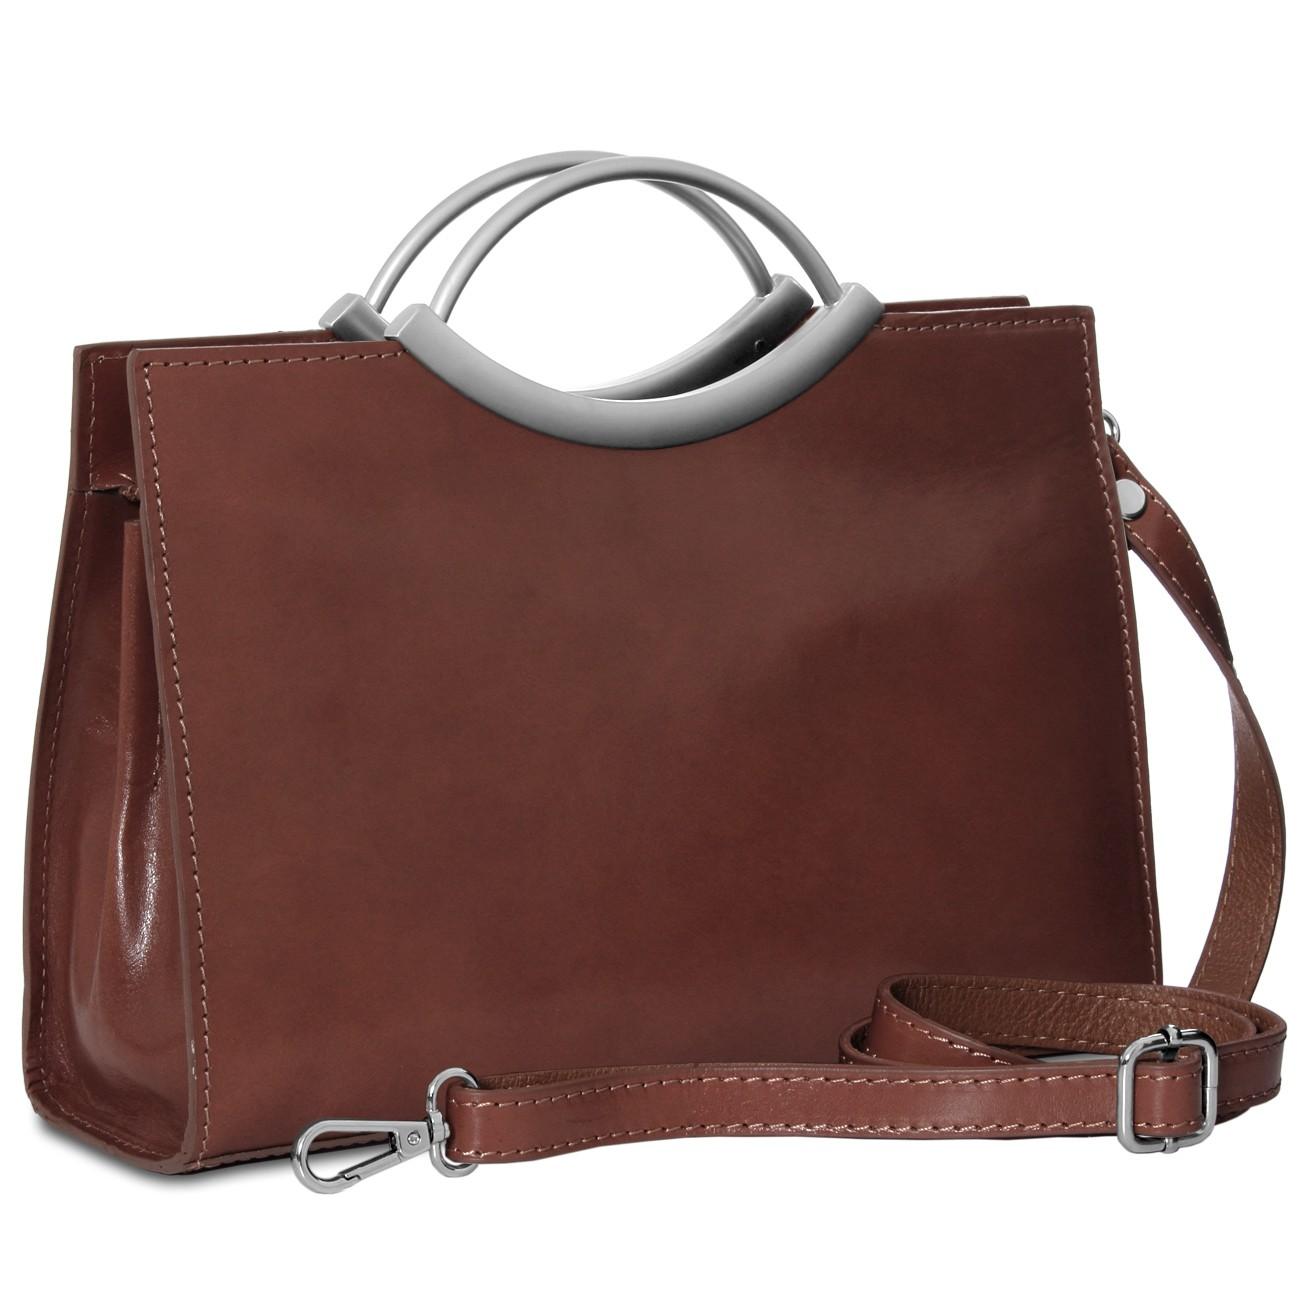 CASPAR Womens Small Leather Handbag / Tote / Business Bag ...